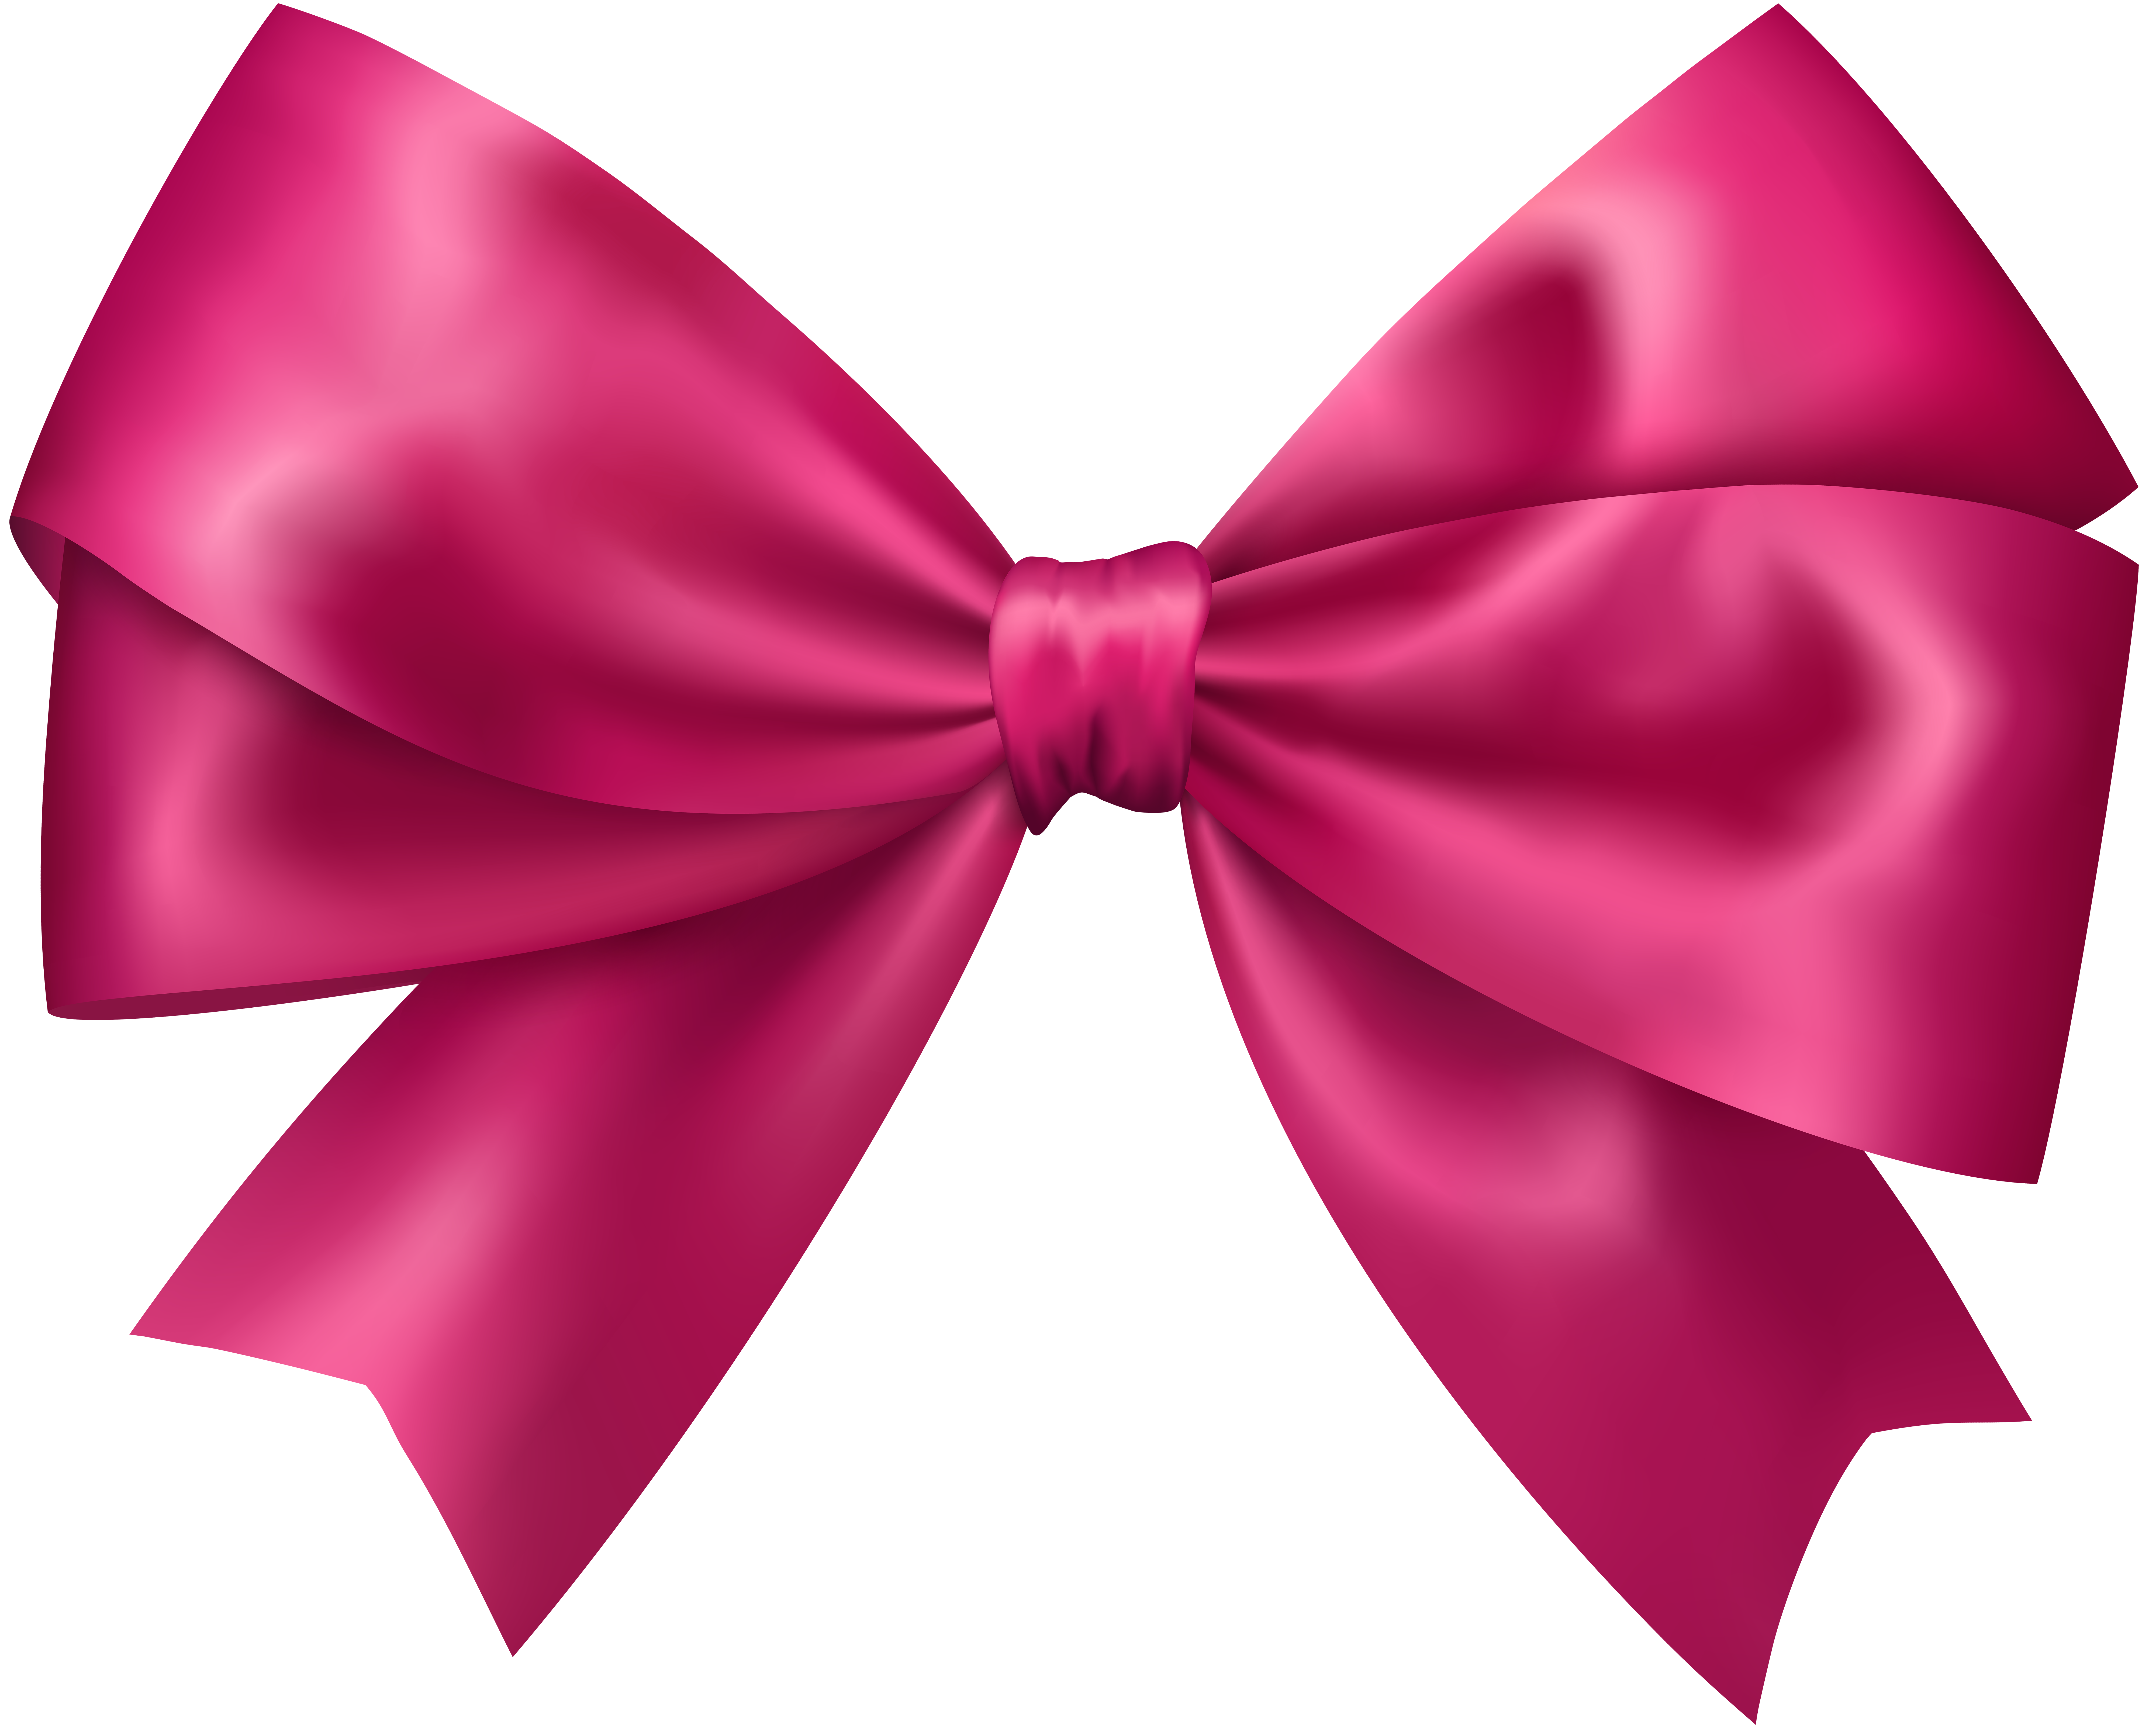 Imagem De Arte De Clipe Transparente Rosa Rosa Gallery Yopriceville Imagens De Alta Qualidade E Transparent Png Fr Baby Clip Art Clip Art Clip Art Pictures